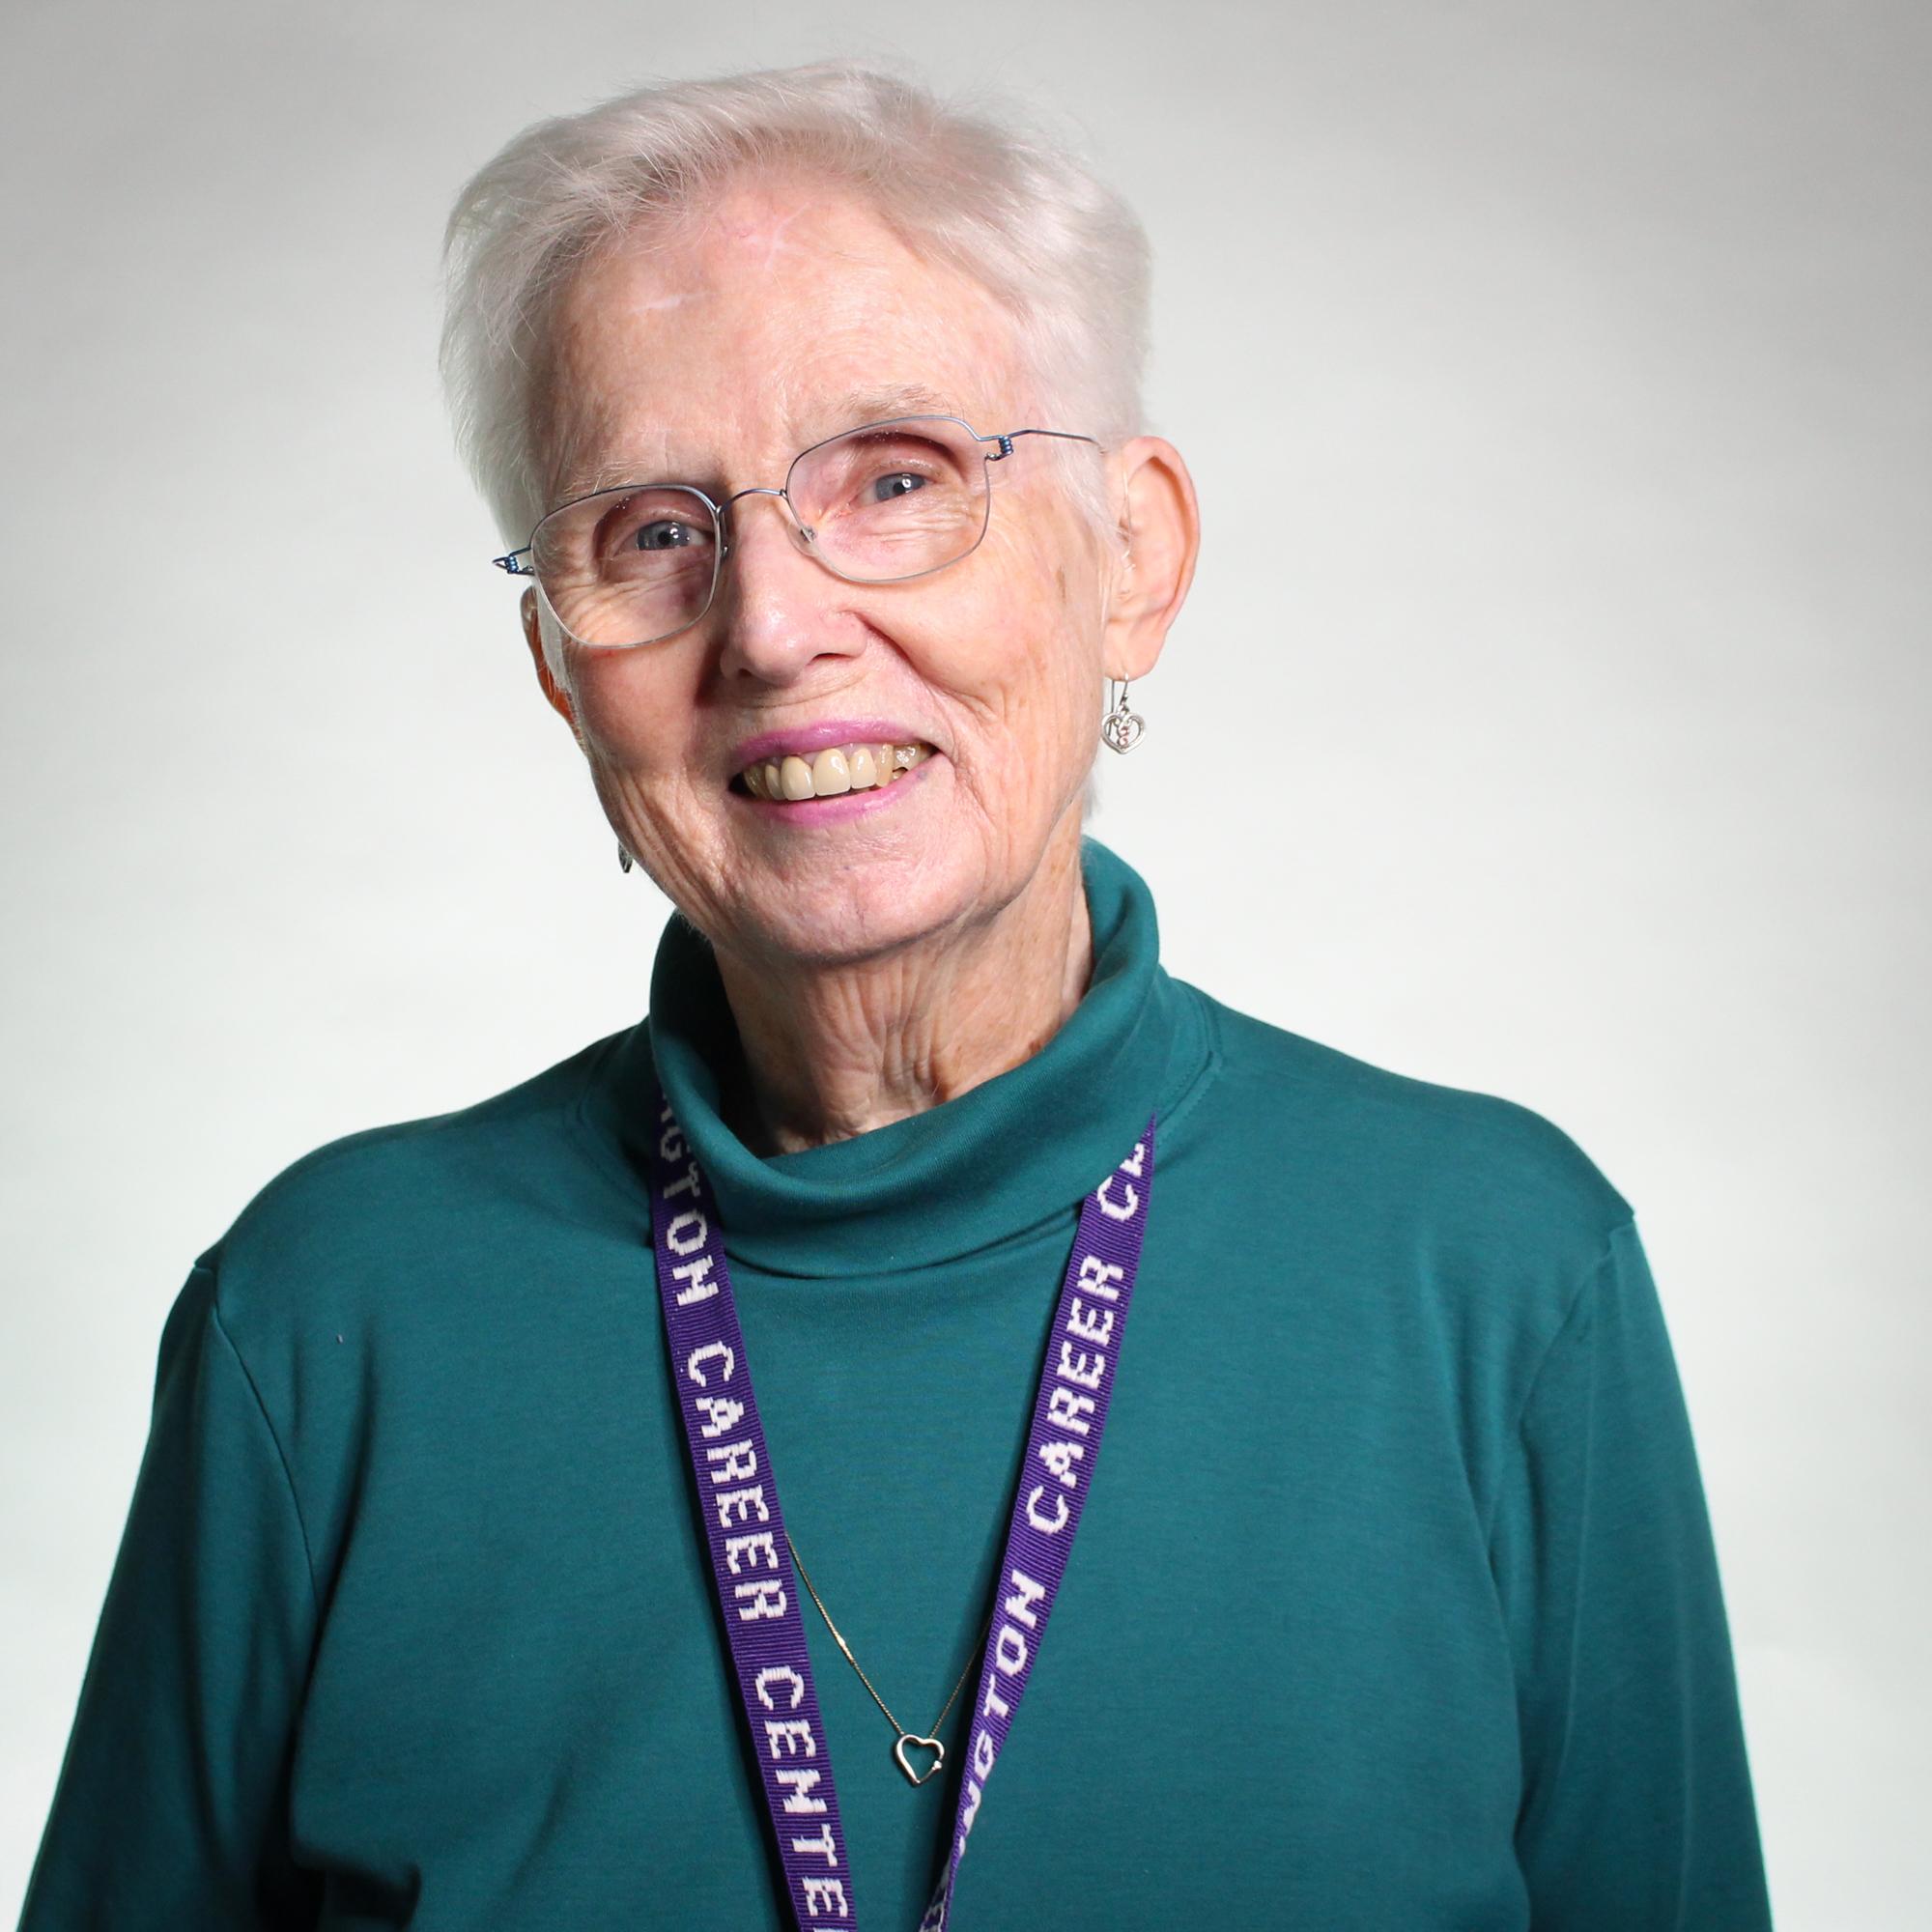 Ms. Susan Palmore